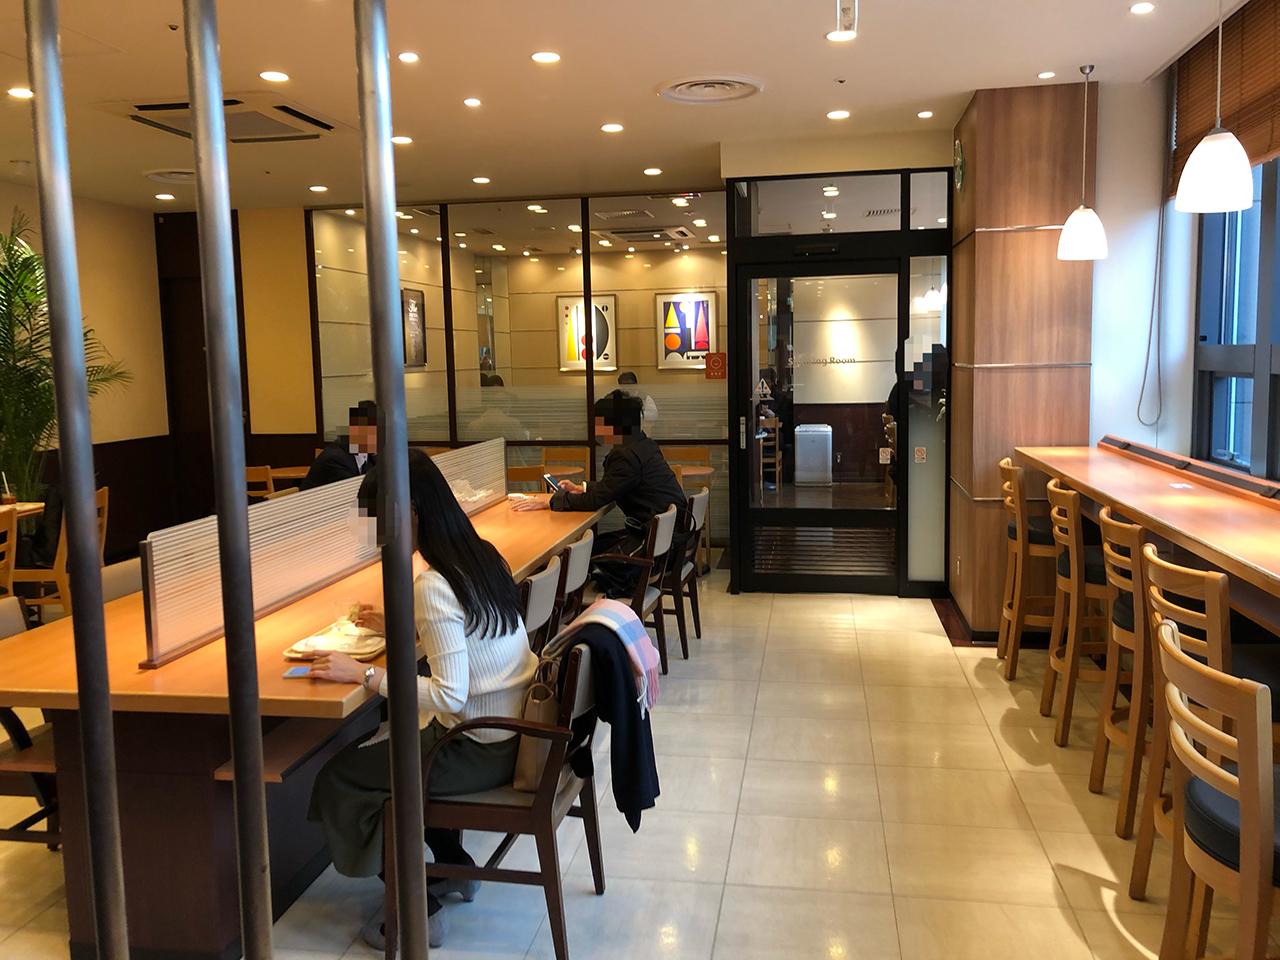 ドトールコーヒーショップ 千葉県庁前駅前店の投稿写真2